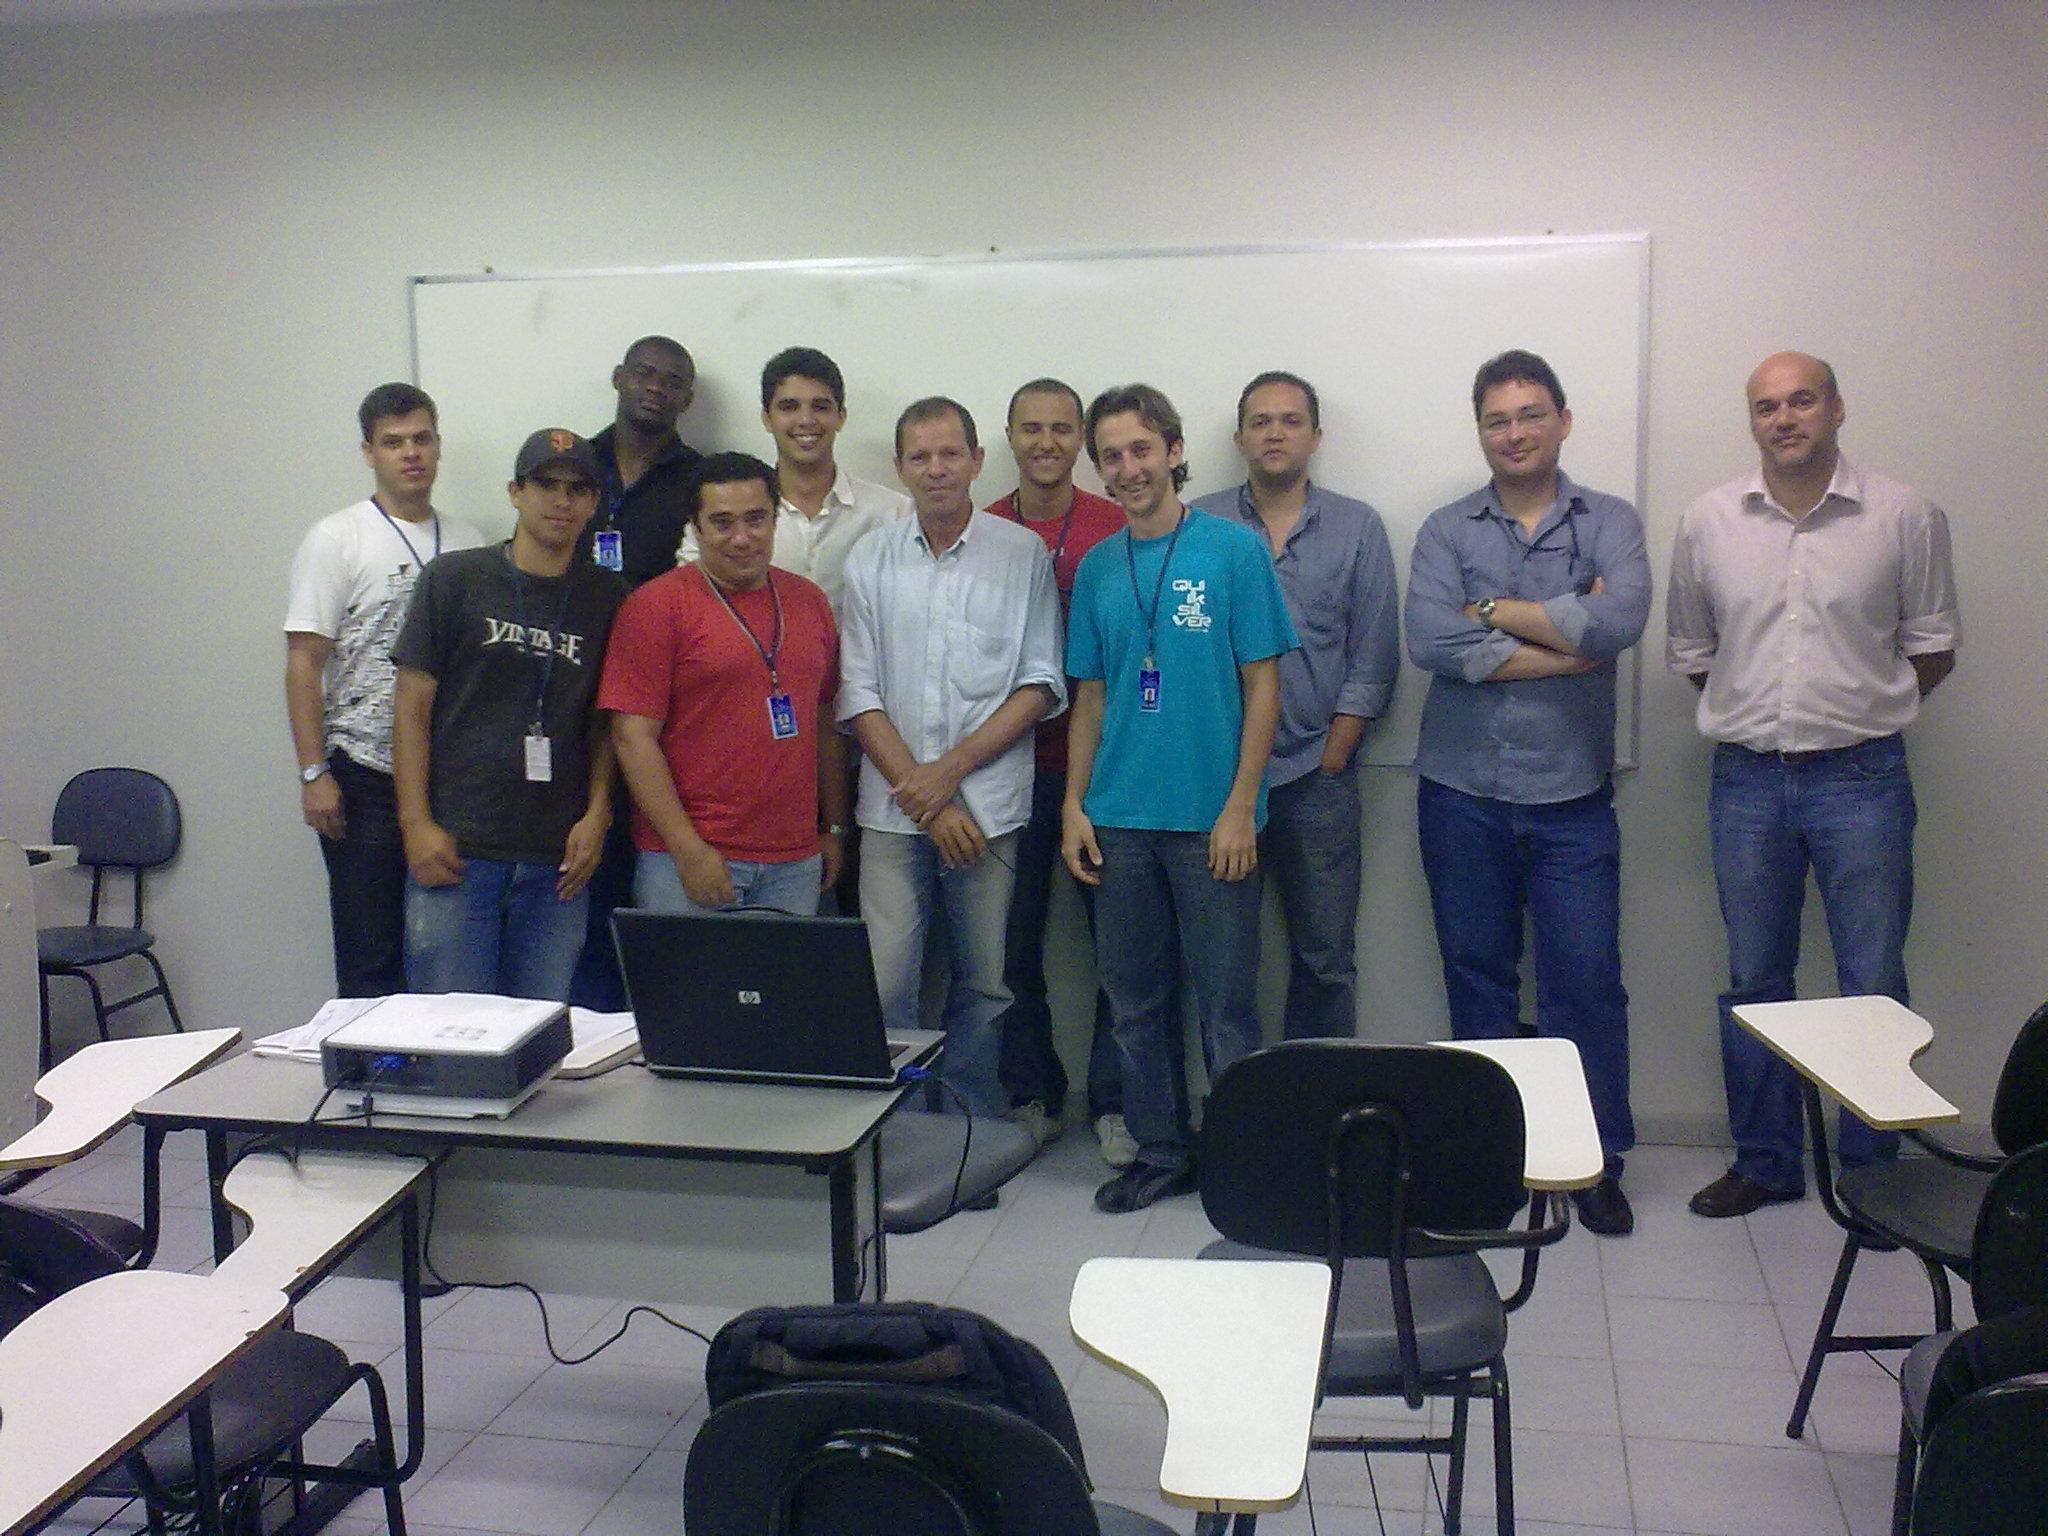 Equipe Rio Service